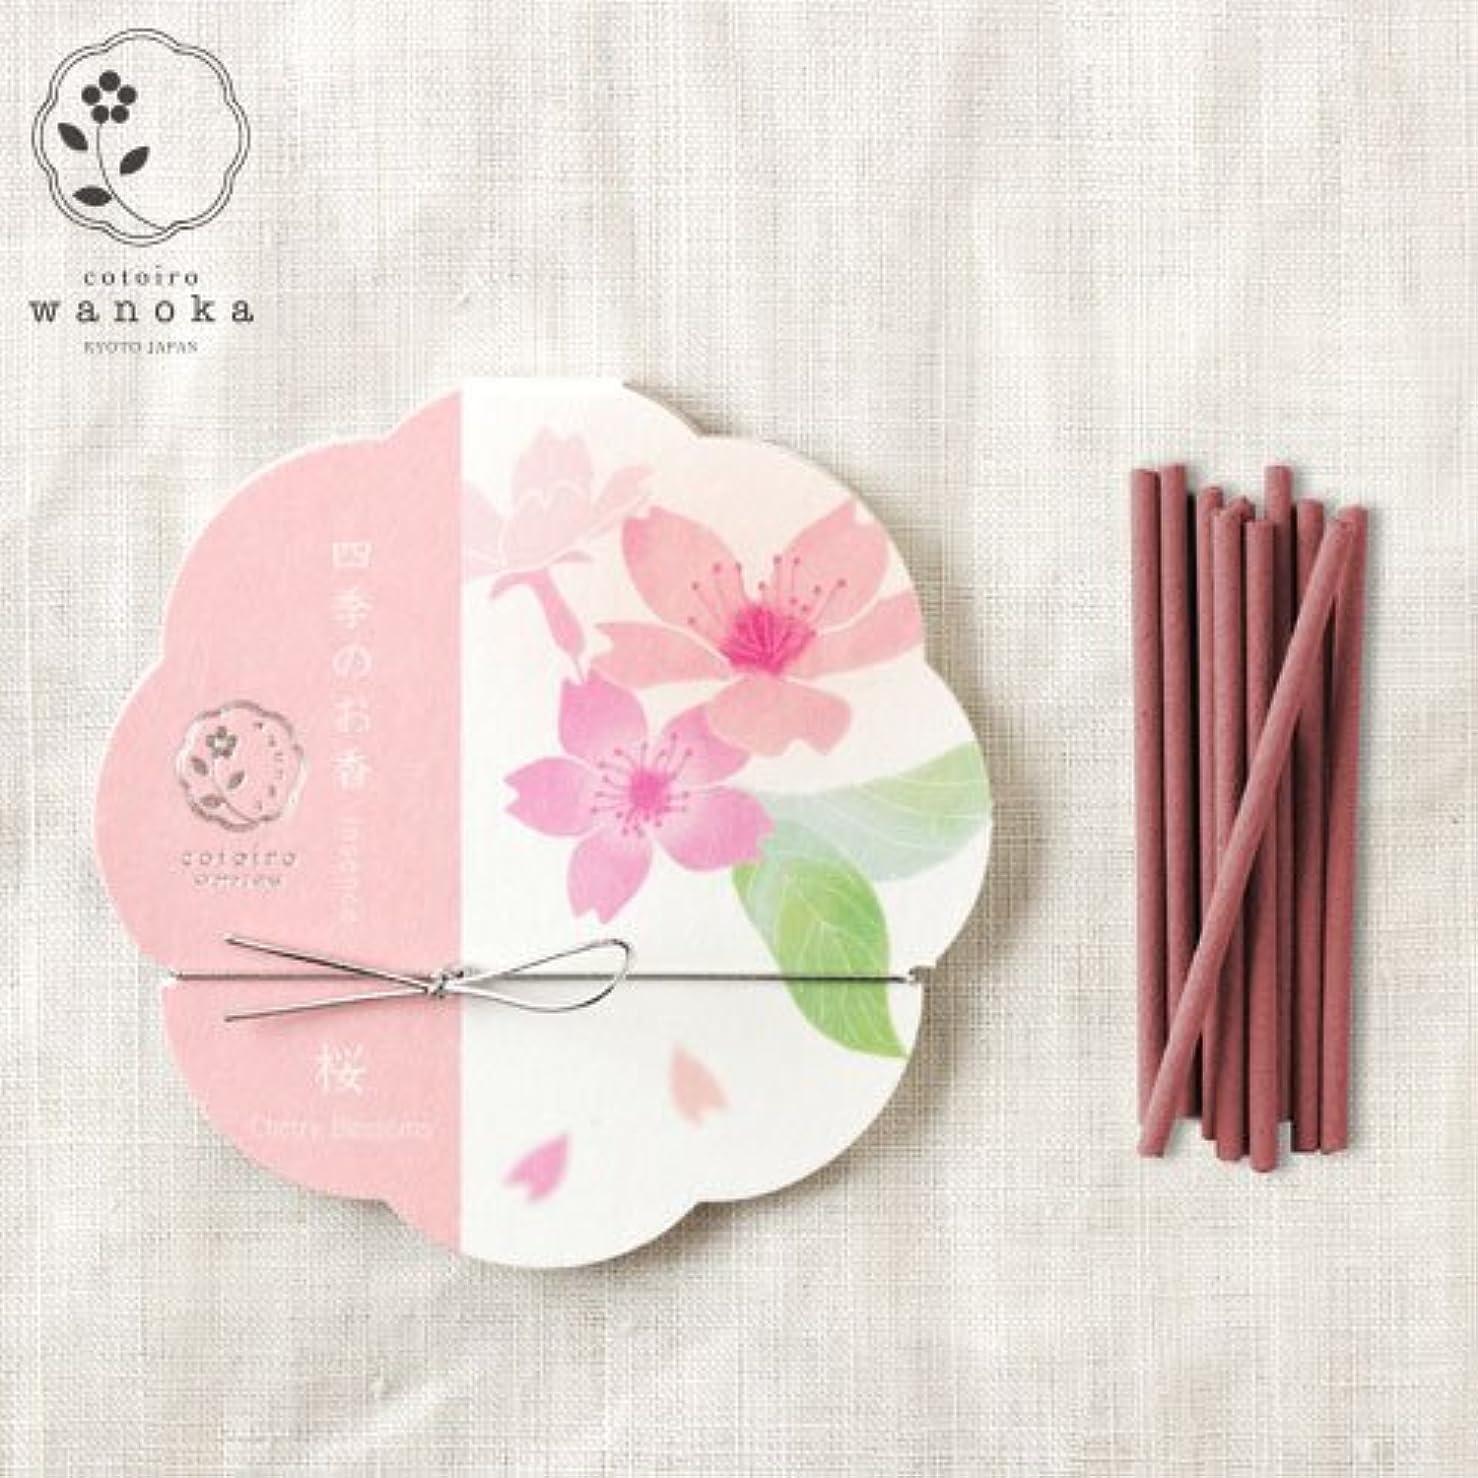 エクスタシー持続的法医学wanoka四季のお香(インセンス)桜《桜をイメージした甘い香り》ART LABIncense stick